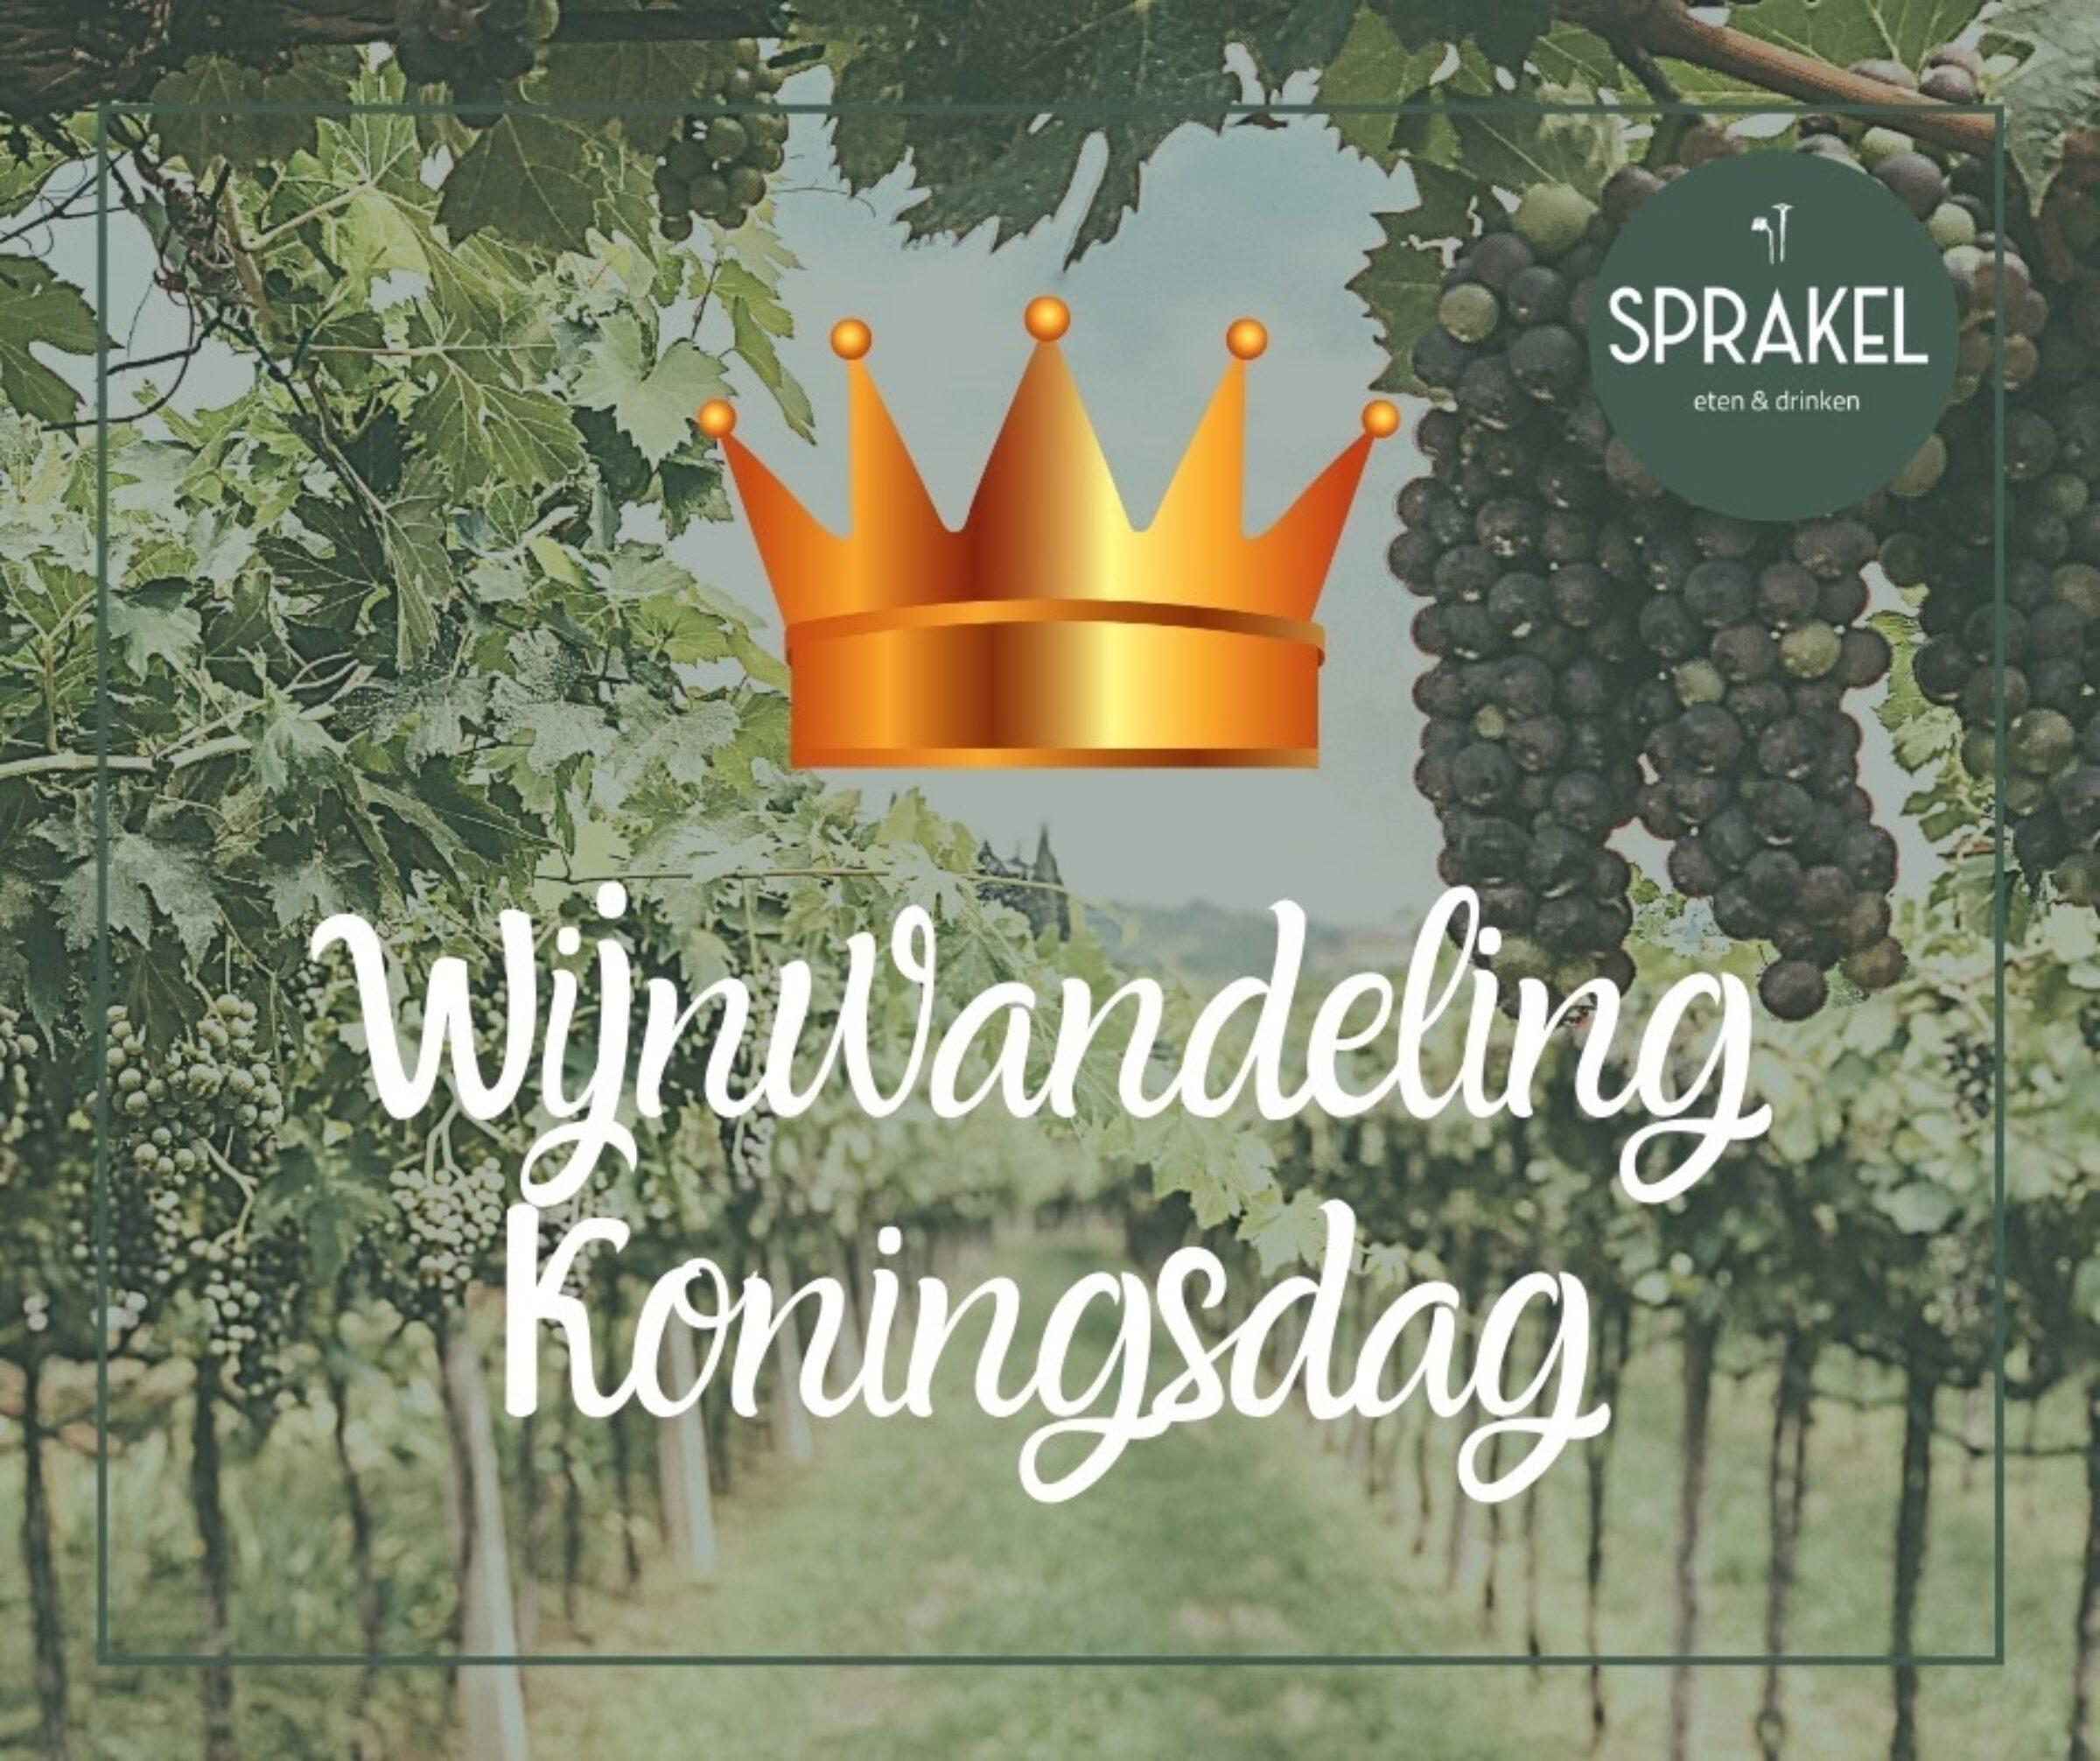 Wijnwandeling sprakel